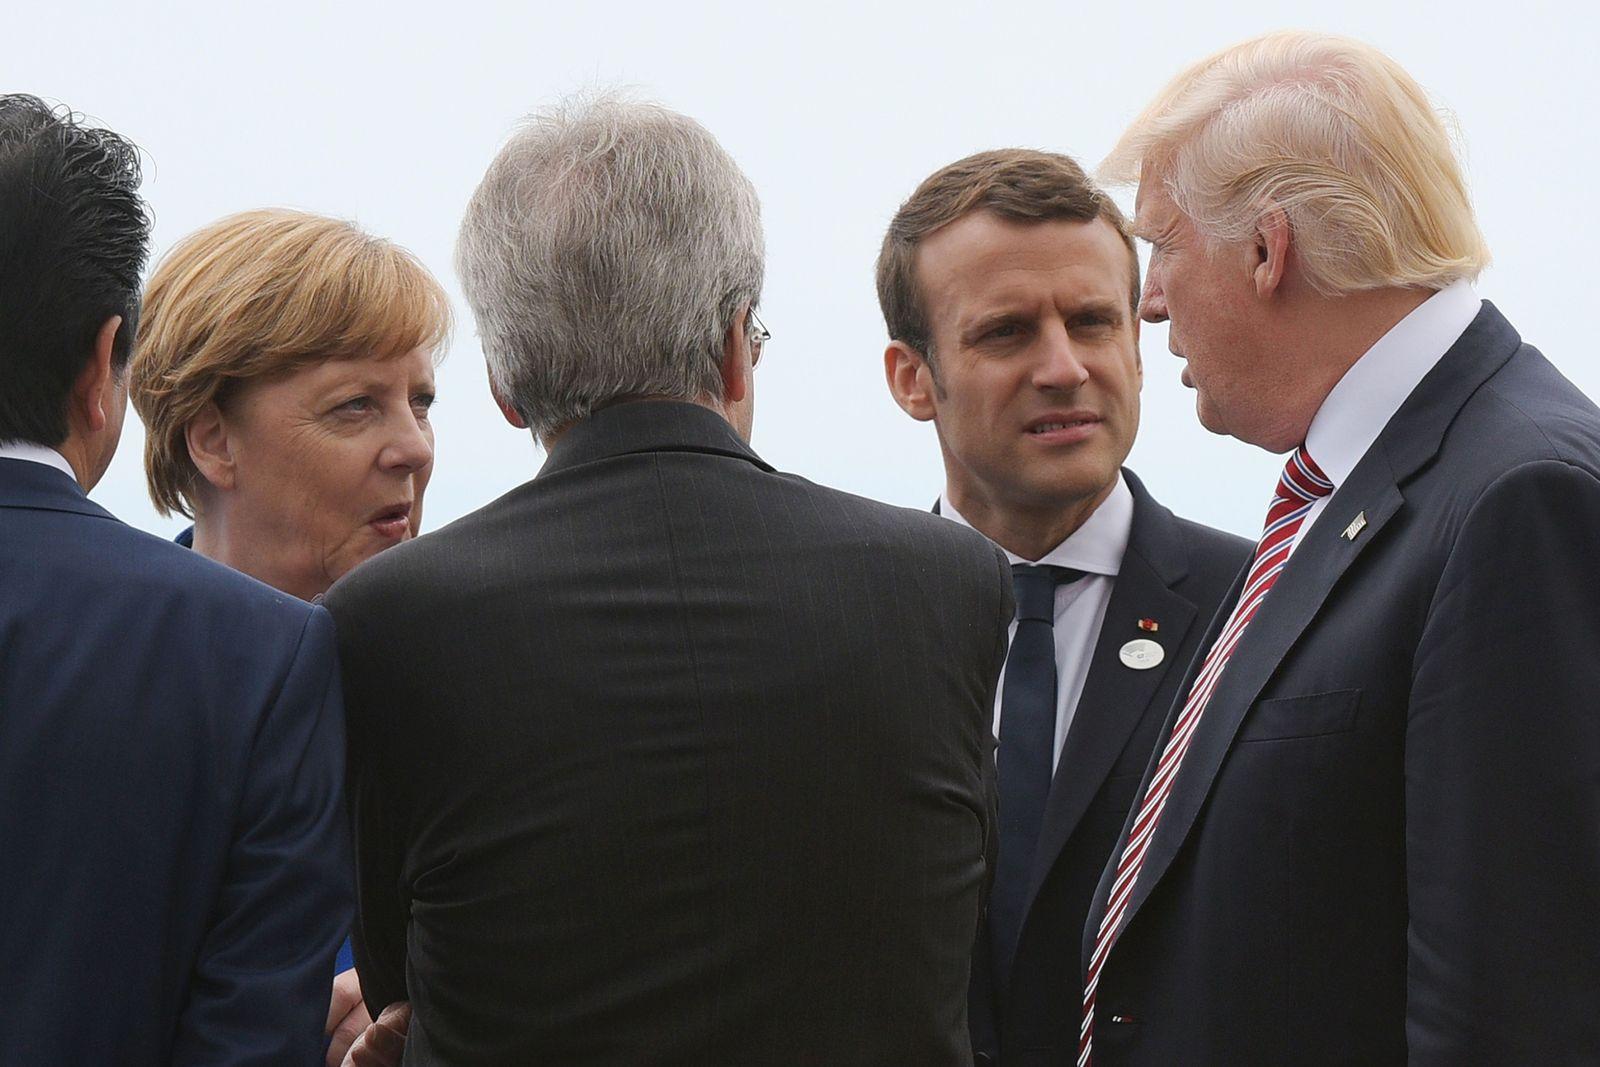 Merkel / Macron/ Trump